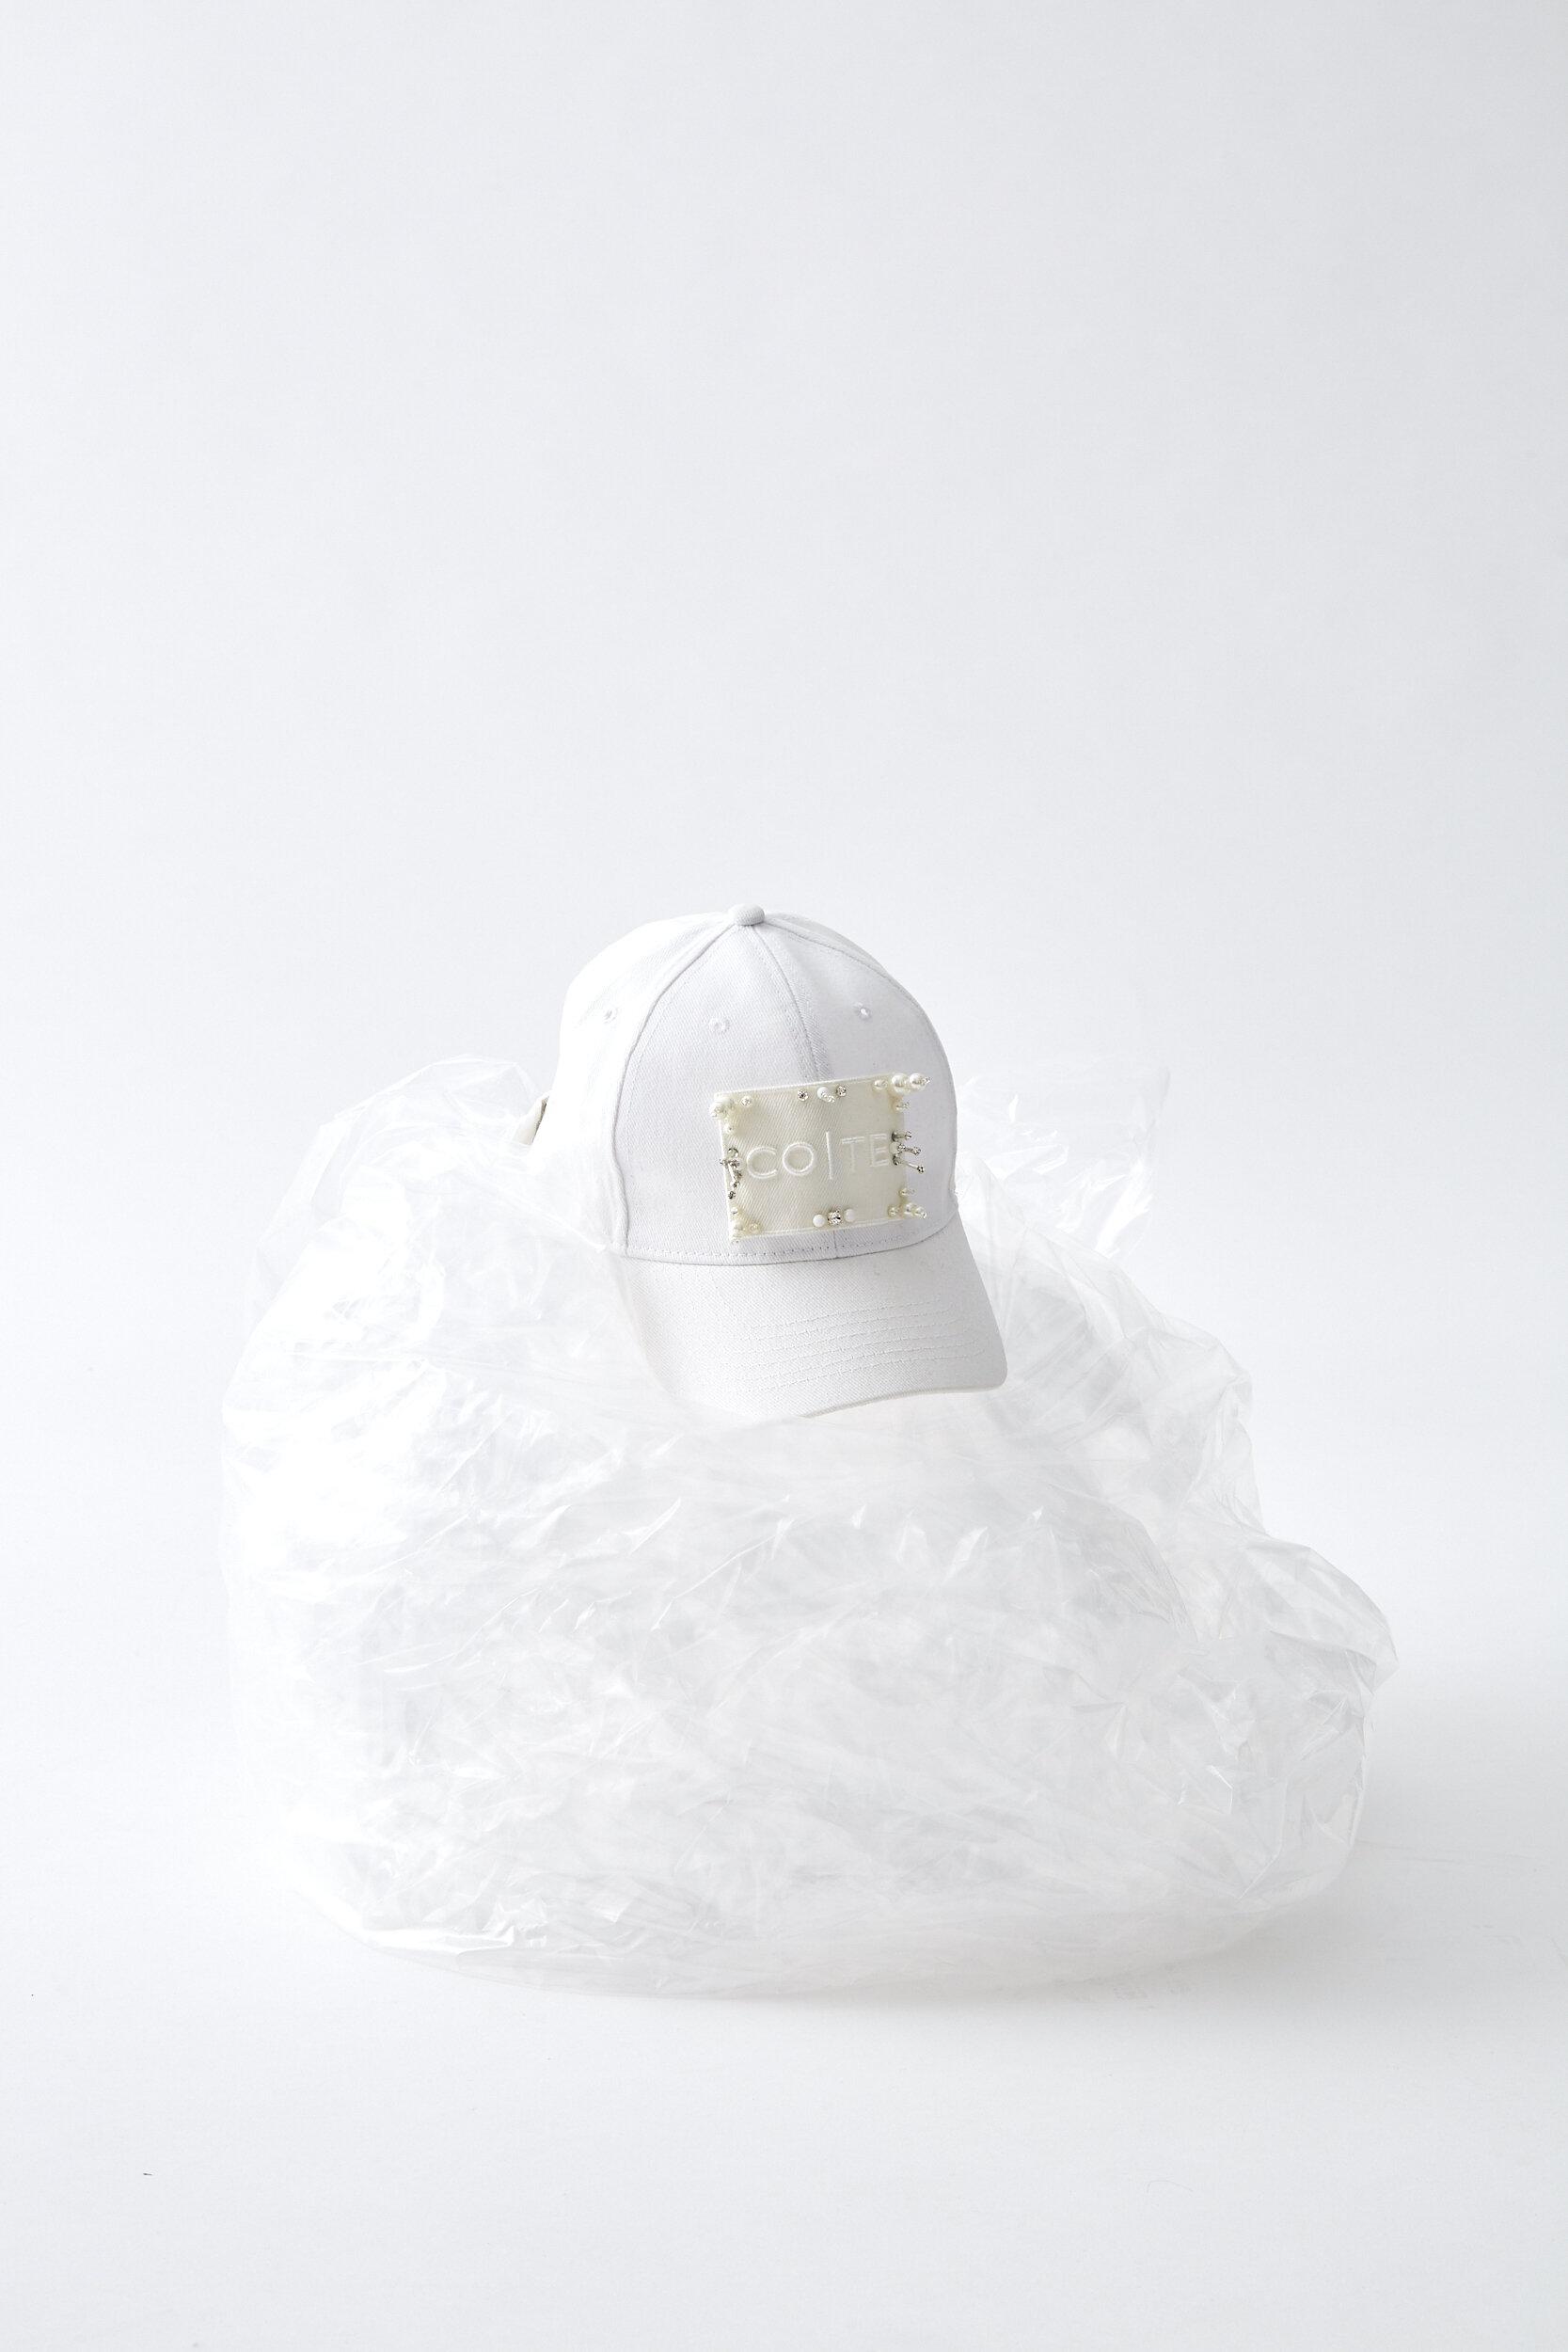 COTE SS2020 cap